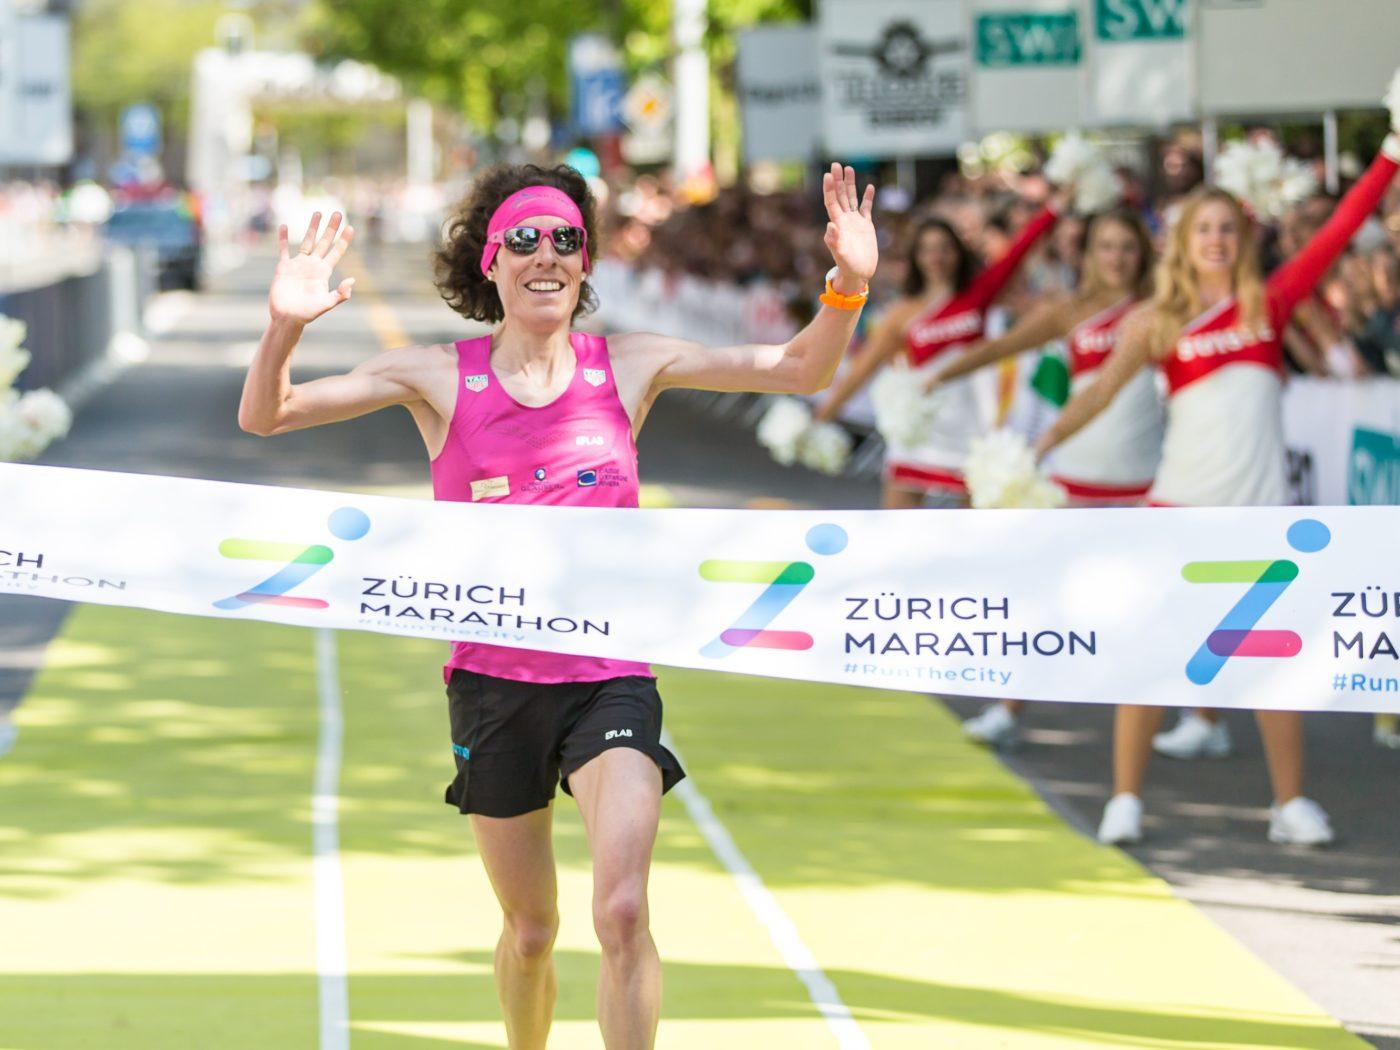 Maude Mathys gewinnt den Zürich-Marathon 2018 (Photo: athletix.ch)